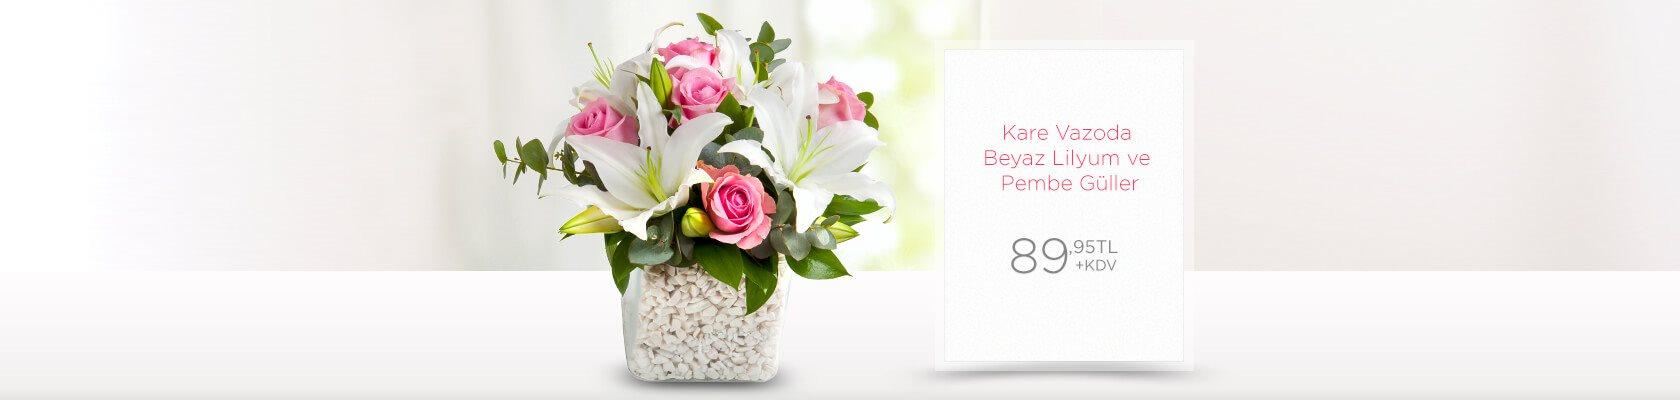 Kare Vazoda Beyaz Lilyum ve Pembe Güller